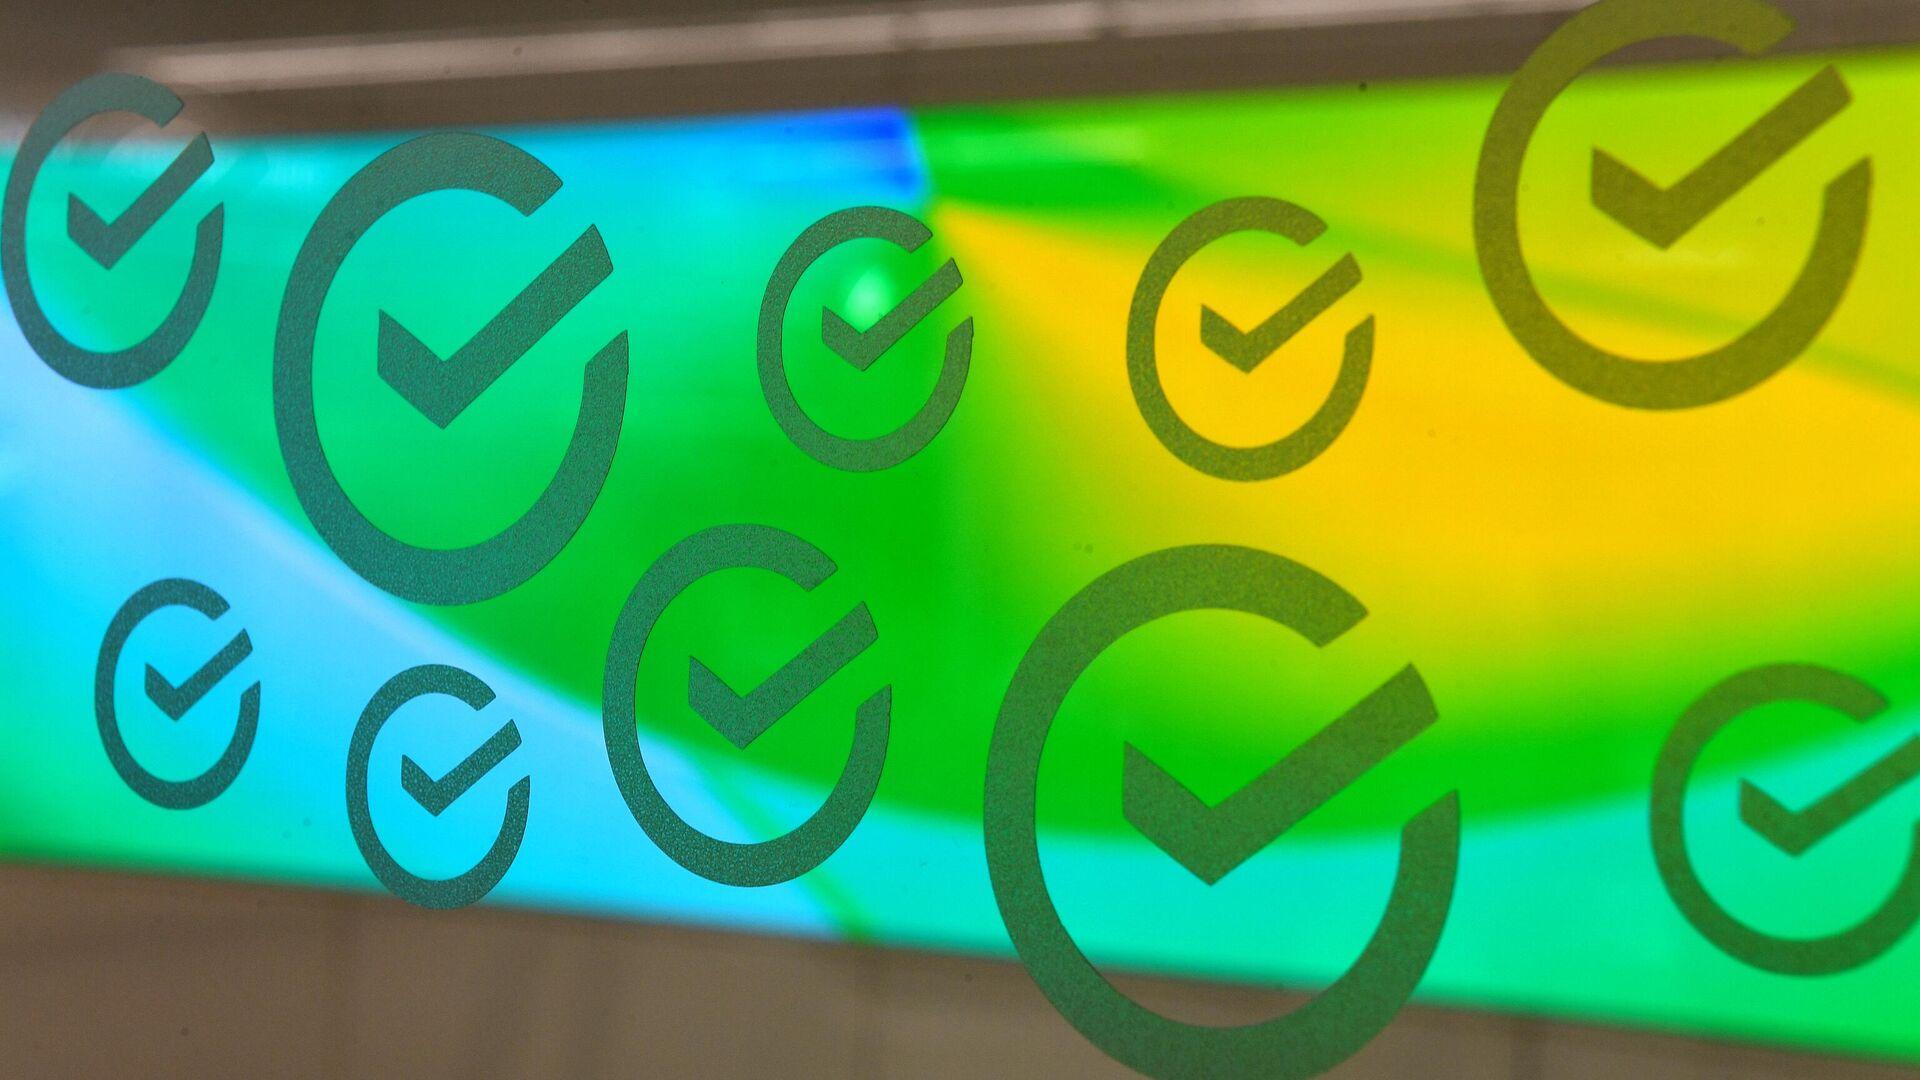 Новые логотипы Сбербанка в первом офисе нового формата, открывшемся на Цветном бульваре в Москве - РИА Новости, 1920, 04.12.2020